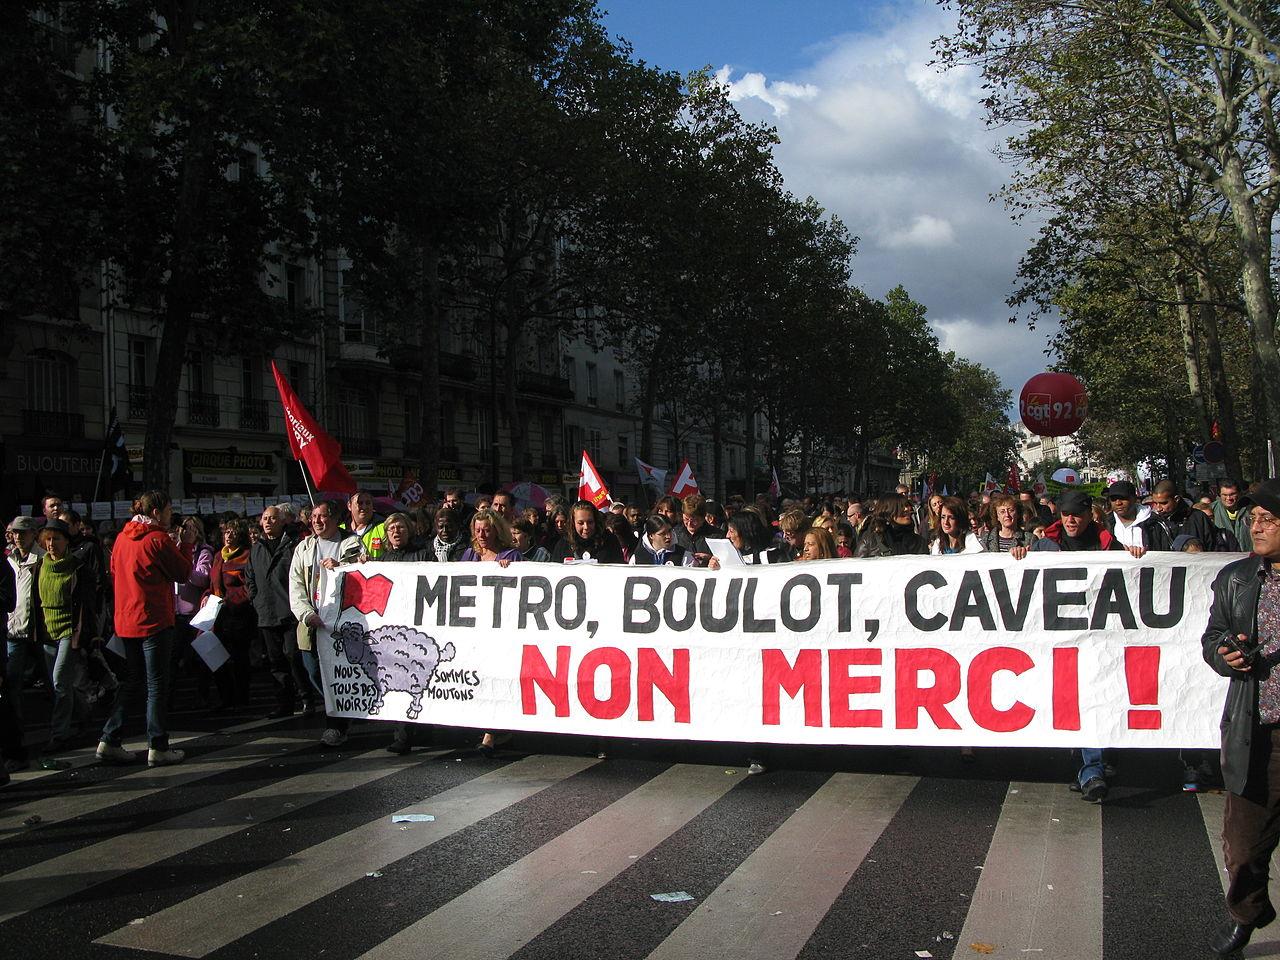 """Prosvjedi na ulicama Pariza protiv mirovinske reforme iz 2010. godine; na transparentu piše: """"Metro, posao, groblje - Ne hvala!"""" (izvor: commons.wikimedia.org)."""